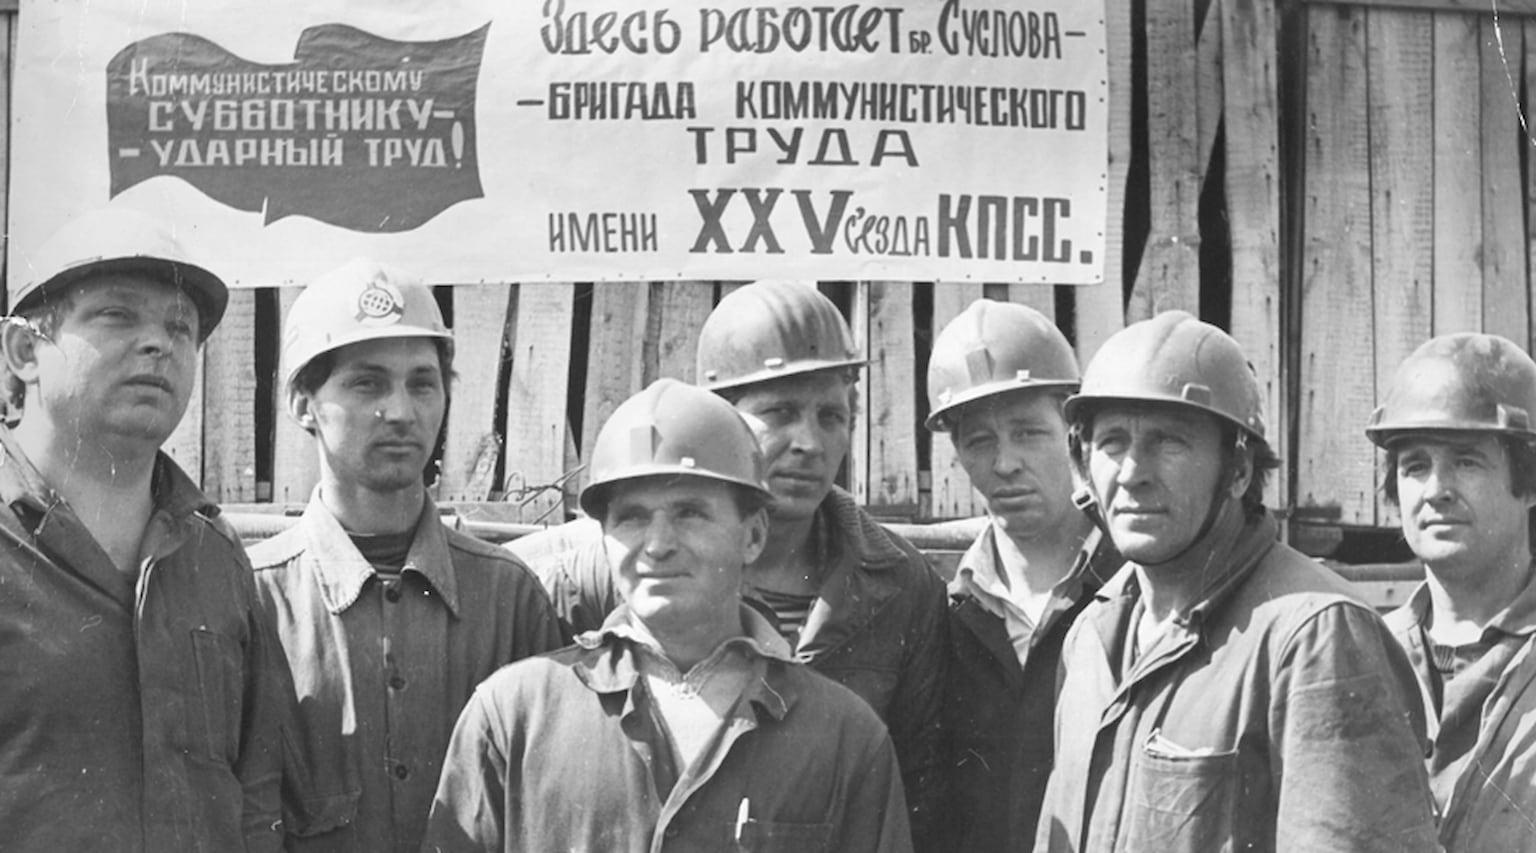 1972. Укрупненная бригада докеров-механизаторов выполнила задание 10-й пятилетки